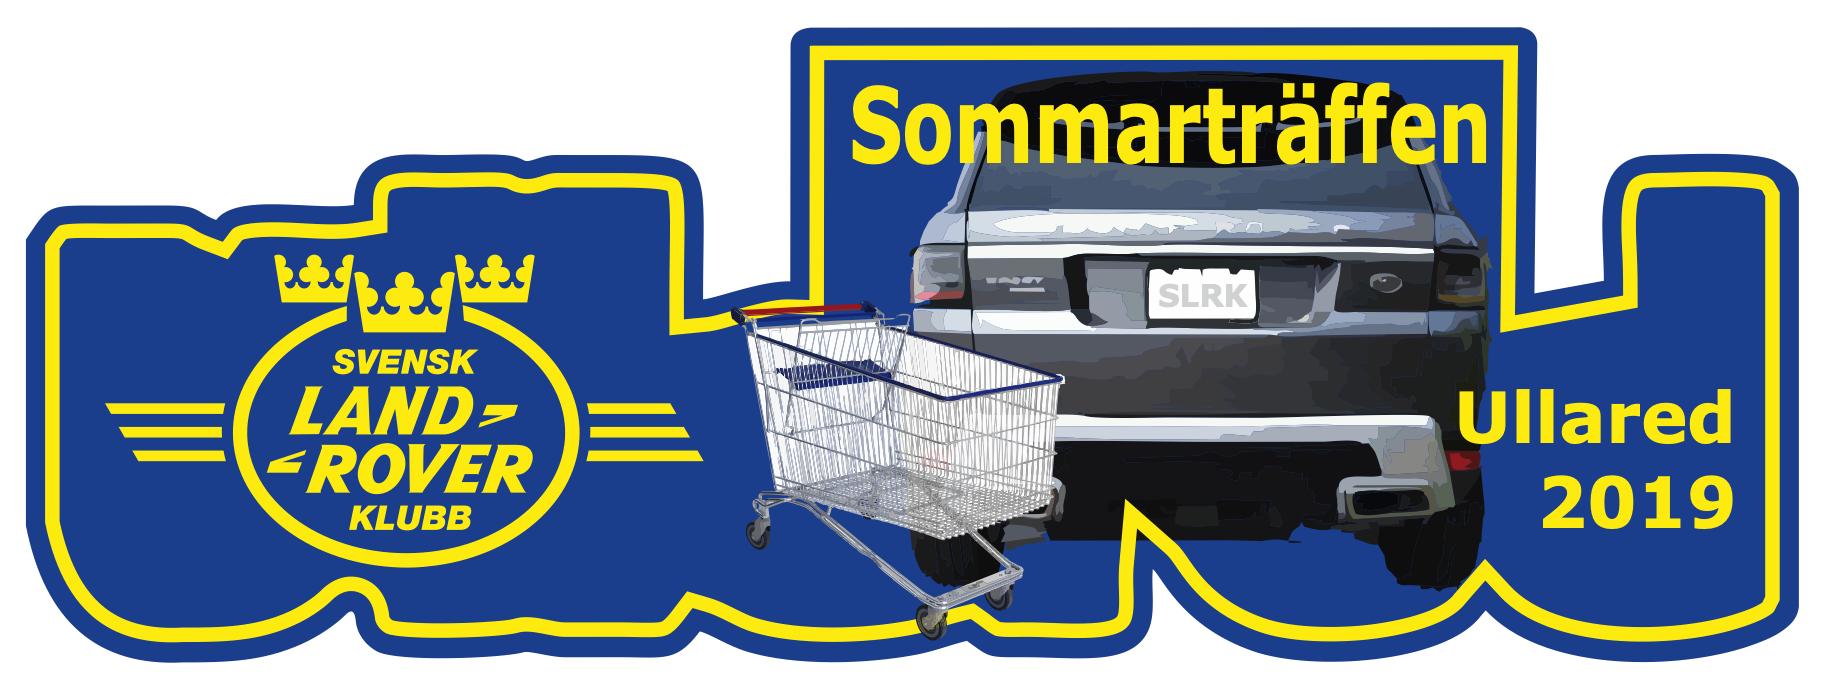 SLRK Sommarträff 2019